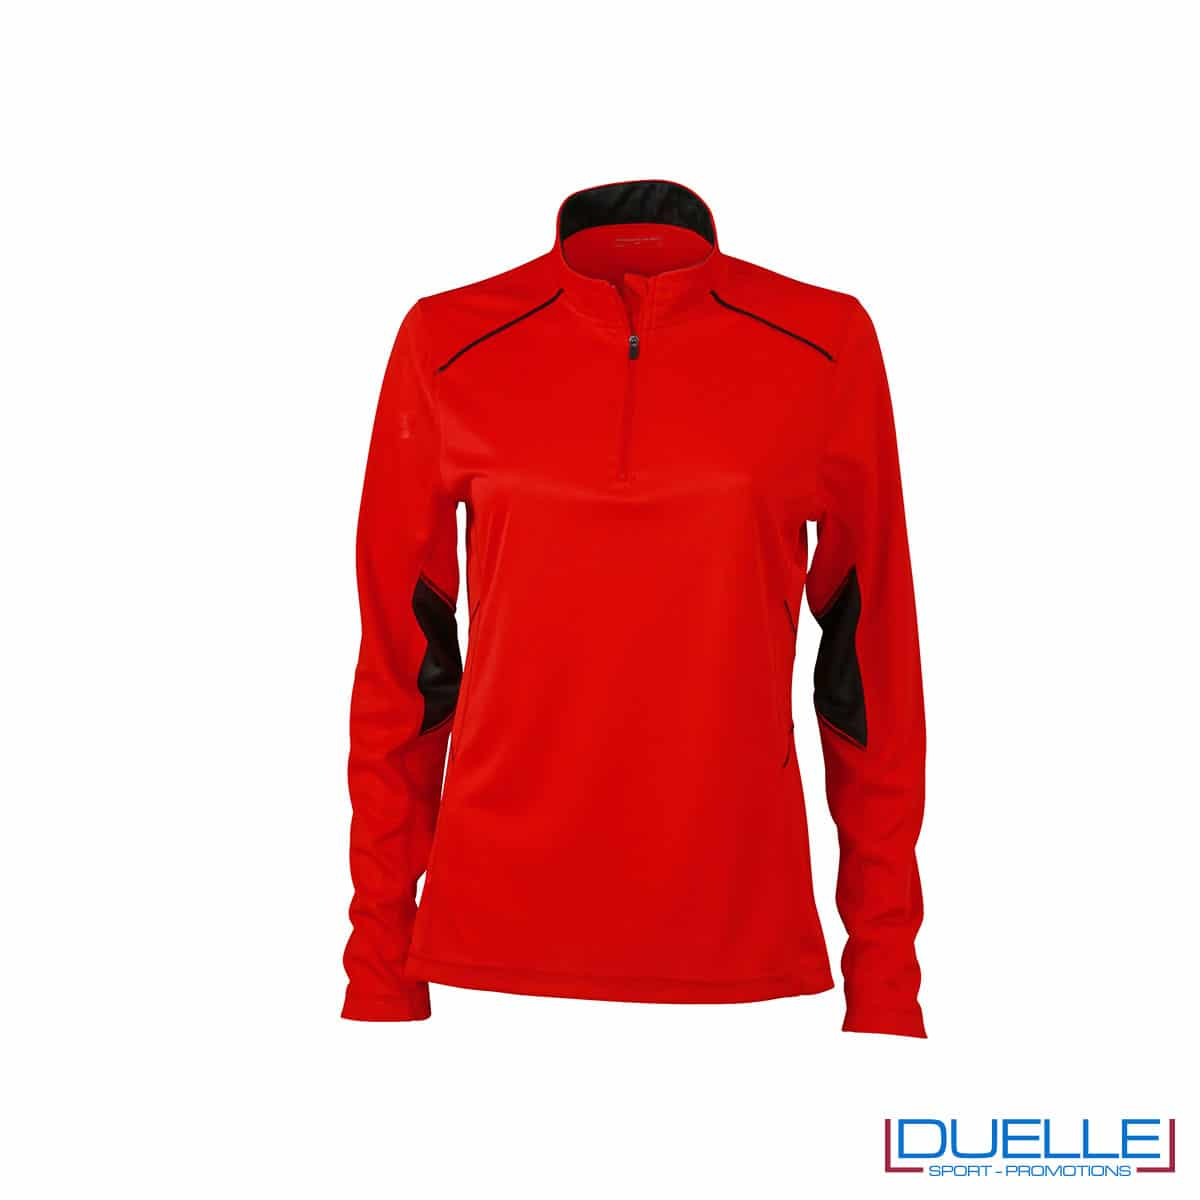 Maglia running con zip donna colore rosso personalizzata